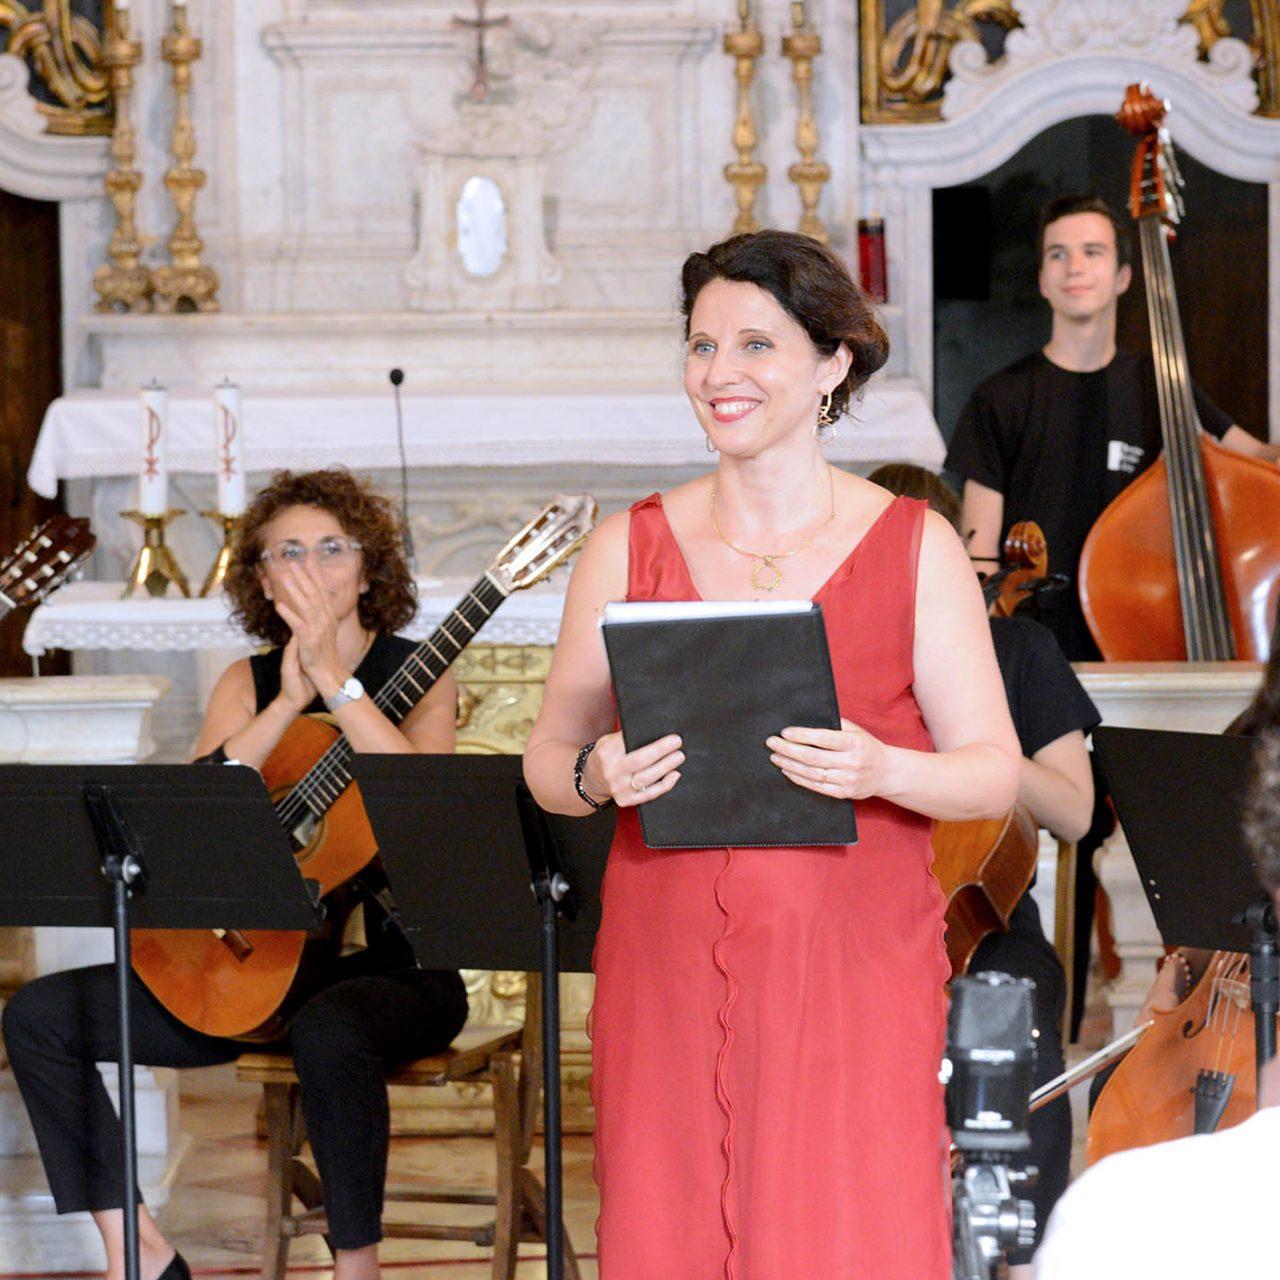 https://associazionevenezze.it/wp-content/uploads/2020/06/RCC2018-chitarre-e-violoncelli-Cristo-G6_07-1280x1280.jpg